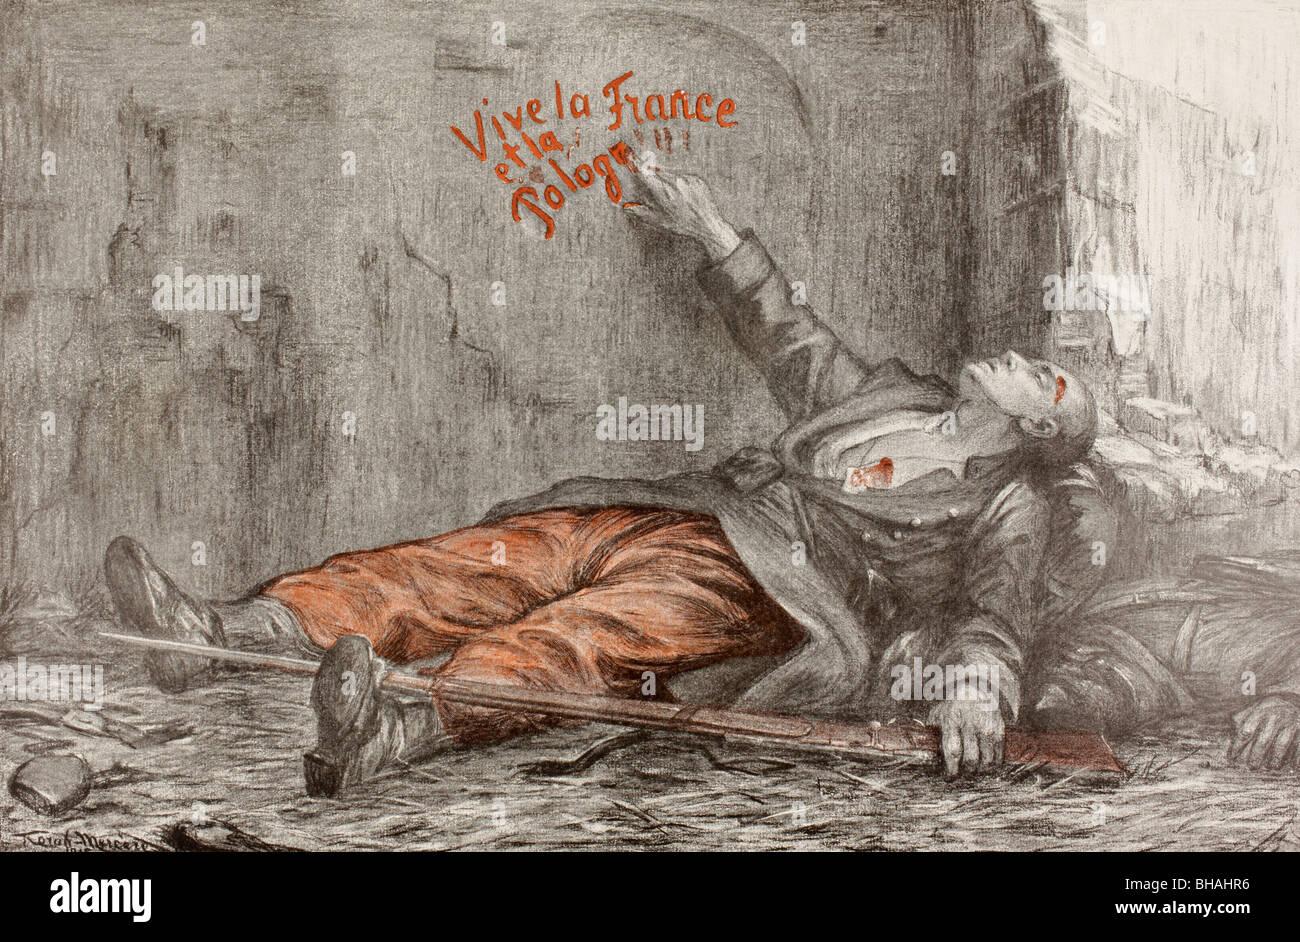 La muerte de un voluntario polaco. Dibujo de propaganda emitida durante la Primera Guerra Mundial. Foto de stock